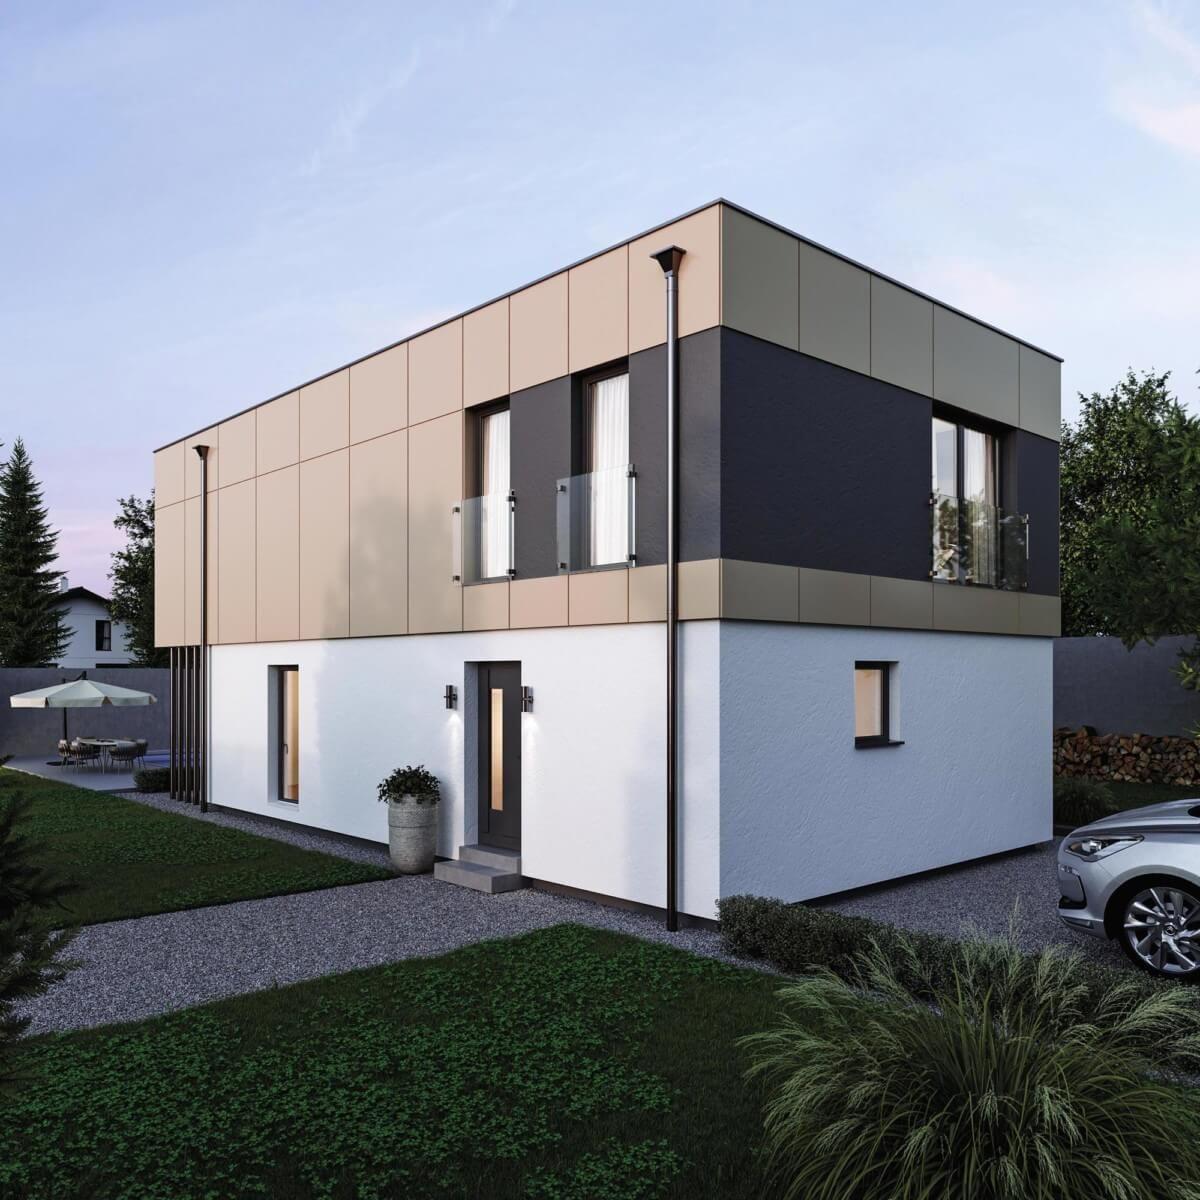 Einfamilienhaus Neubau Design modern mit Flachdach